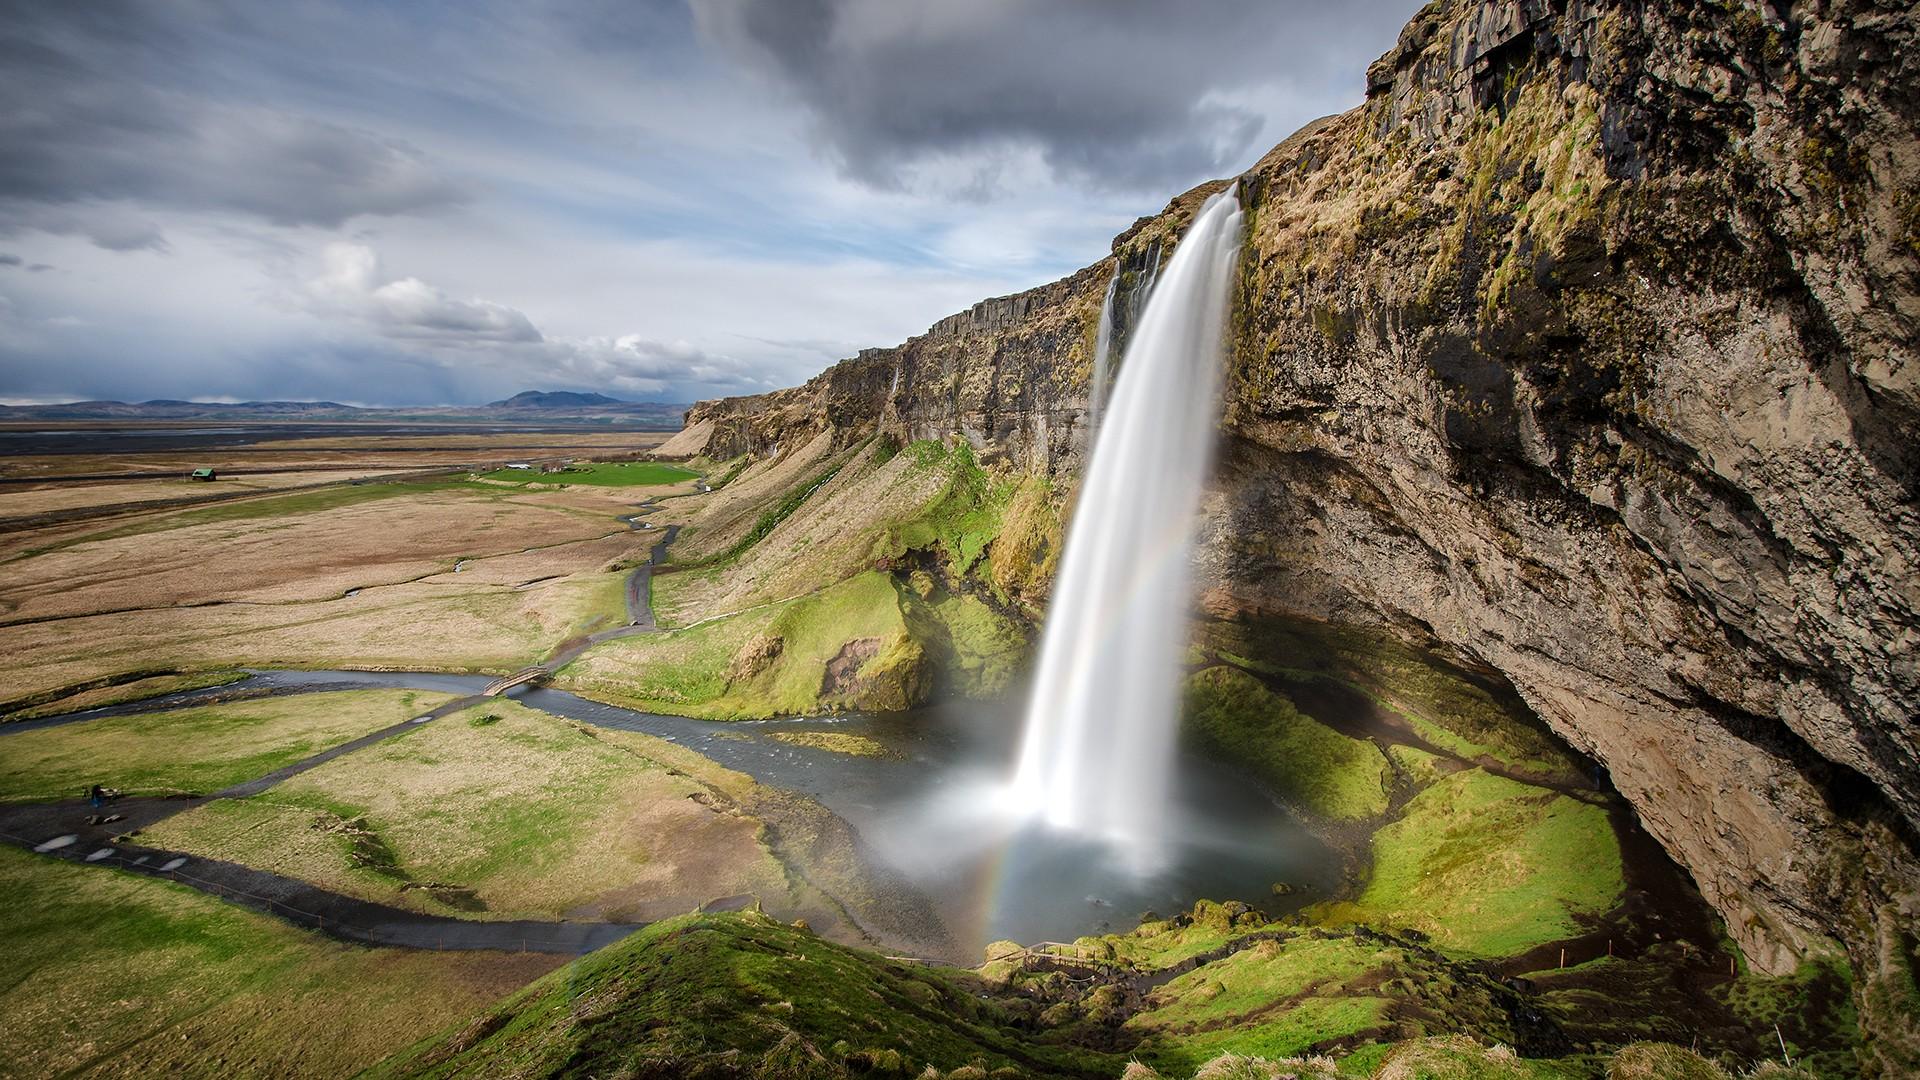 landscape waterfall nature rock